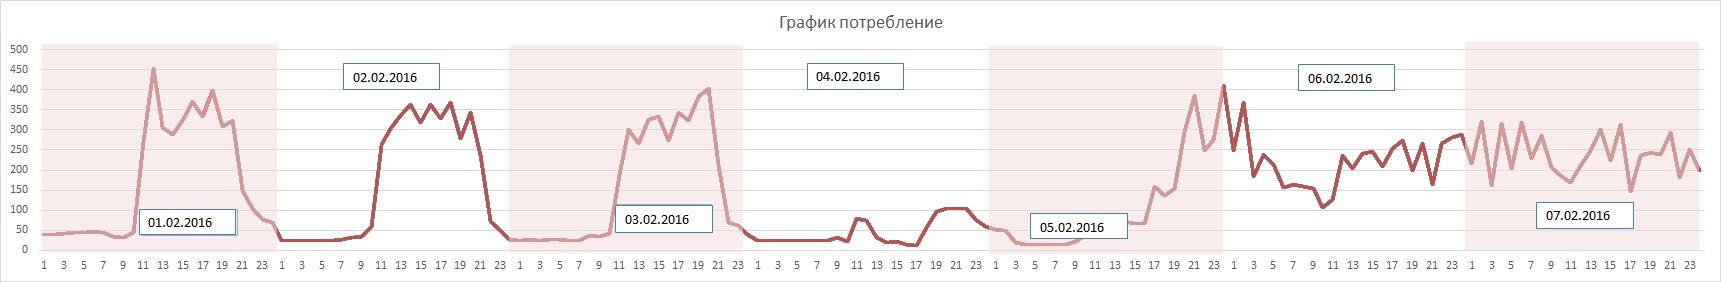 Рис3. График потребления электроэнергии на предприятии